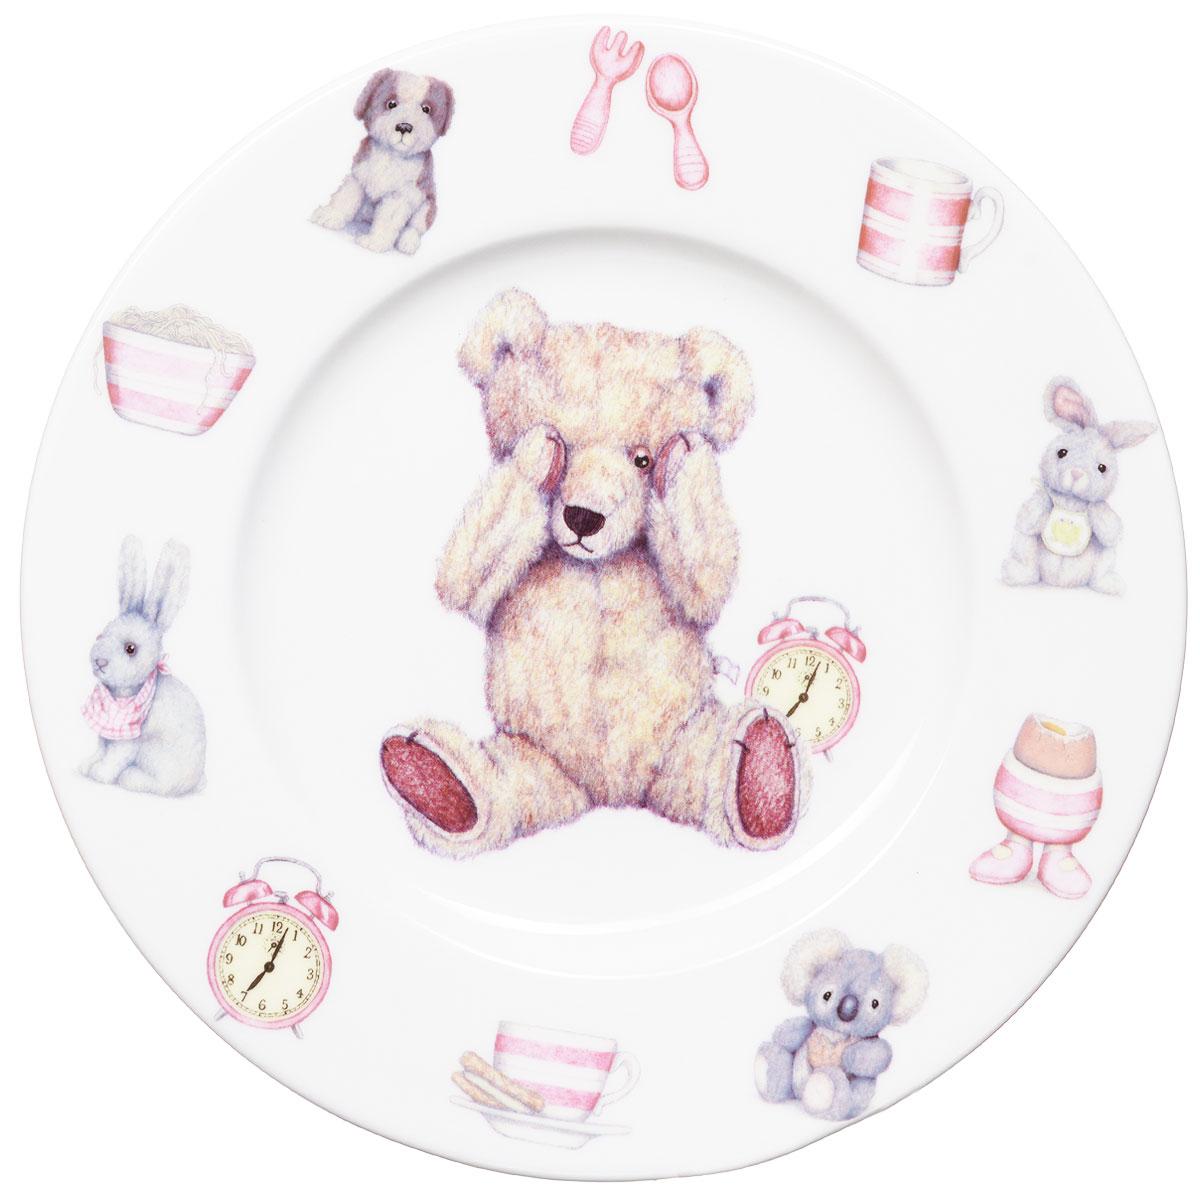 Roy Kirkham Тарелка Тедди тайм 19,5 см цвет розовыйG7804Яркая фарфоровая тарелка Тедди тайм превратит процесс кормления вашего малыша в веселую игру. Очаровательный образ медвежонка Тедди - воплощение английской классики. В коллекции детской посуды и подарочных аксессуаров Тедди тайм английской компании Roy Kirkham, всемирно признанного бренда с более чем 40-летней историей, все предметы изготовлены из тонкостенного костяного фарфора - керамического материала высшего качества, отличающегося необыкновенной прочностью и небольшим весом. Ваш ребенок будет кушать с большим удовольствием, стараясь быстрее добраться до картинки с мишкой Тедди. Отвечает всем требованиям безопасности при контакте с пищей.